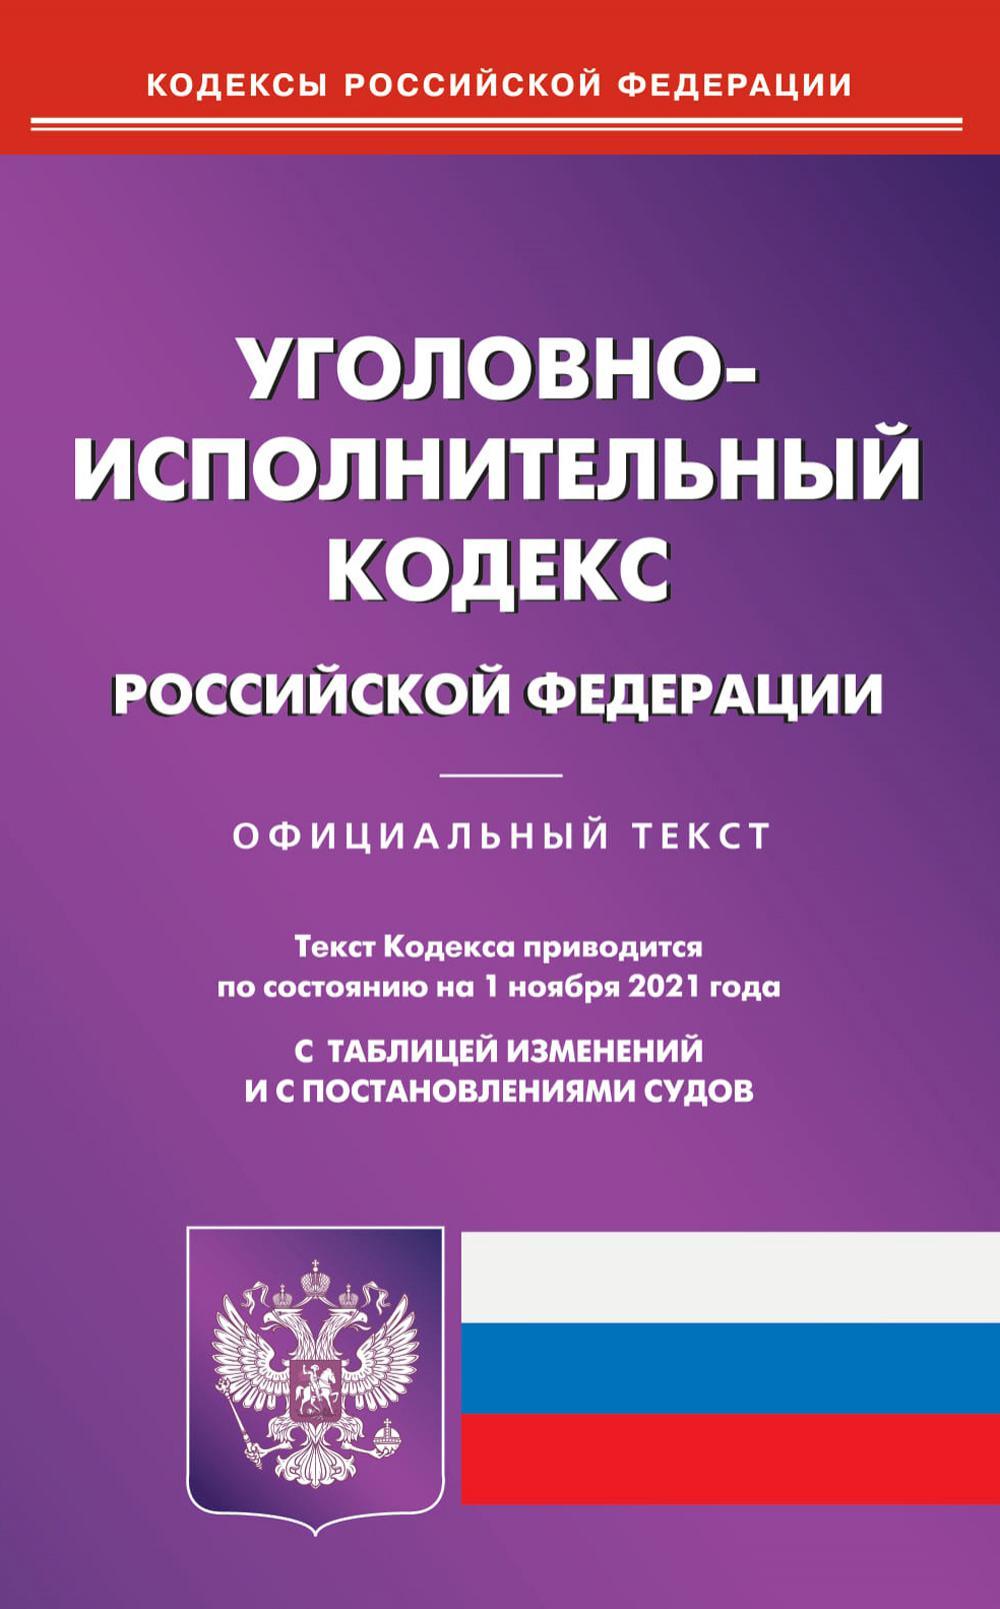 Уголовно-исполнительный кодекс РФ на 01.11.2021